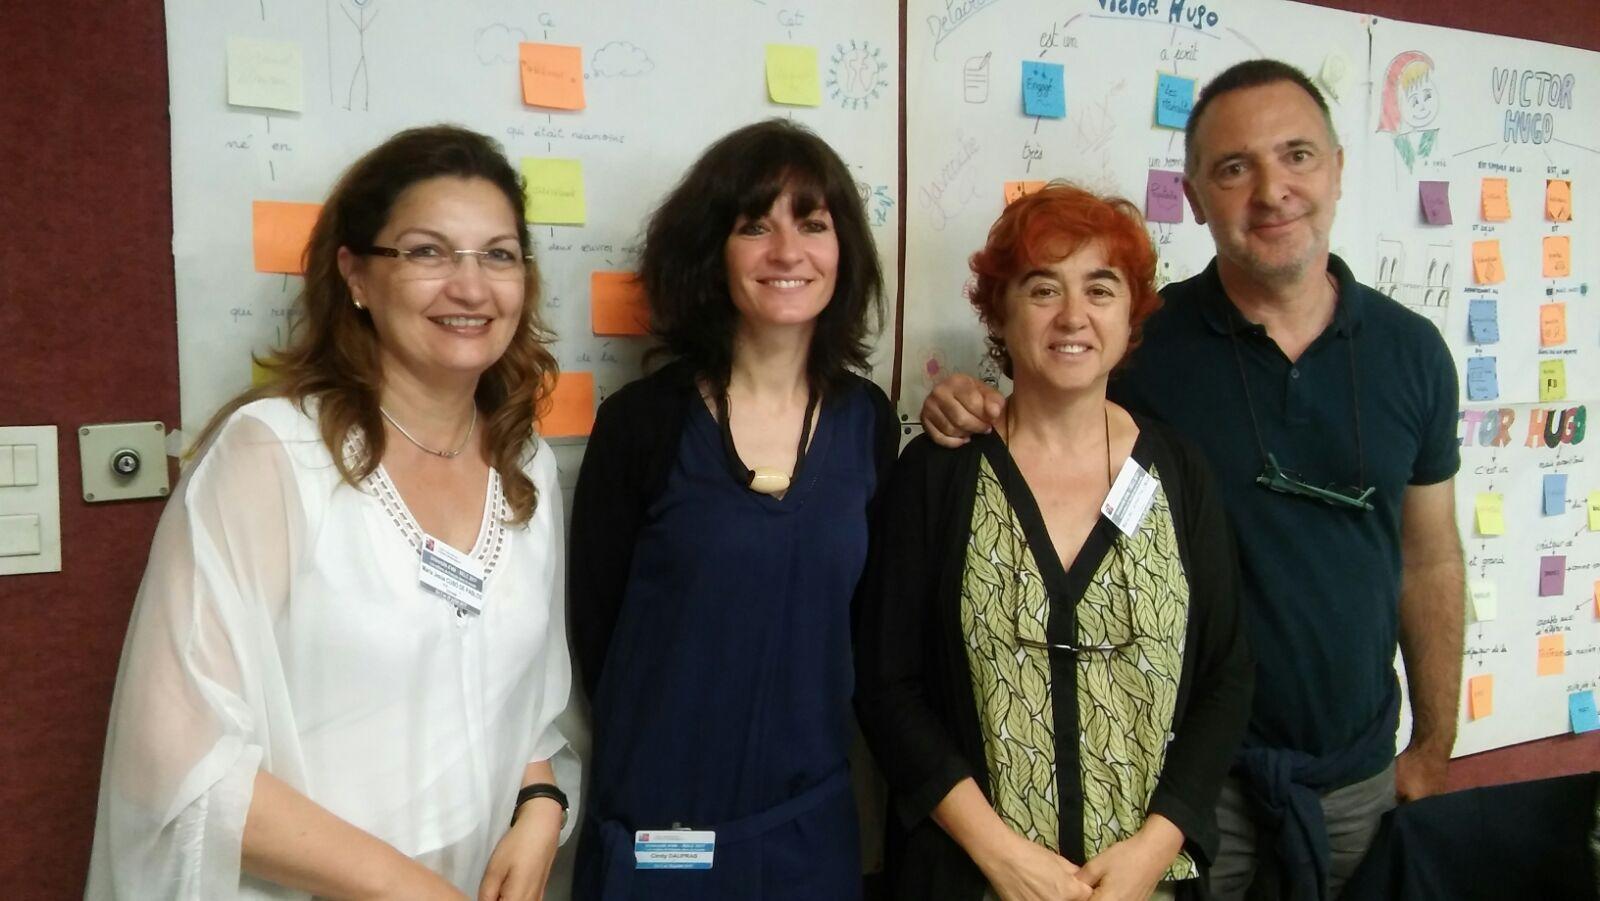 La professeure du module et les participants